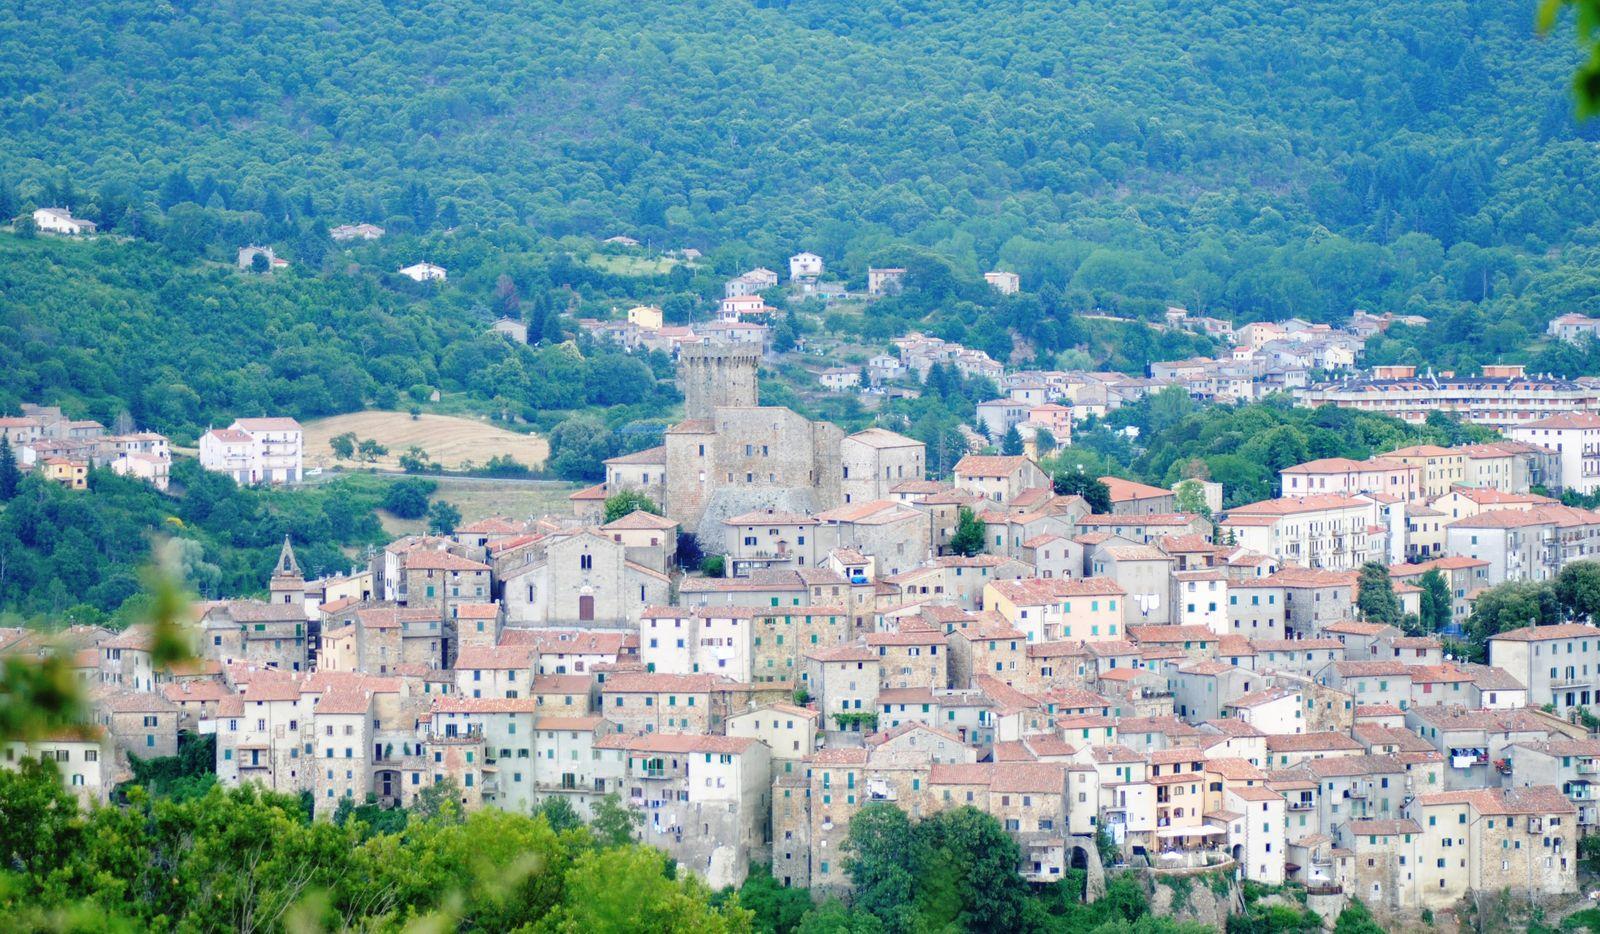 Arcidosso - Mistica e spiritualità alle falde del Monte Labbro - Toscana Ovunque Bella